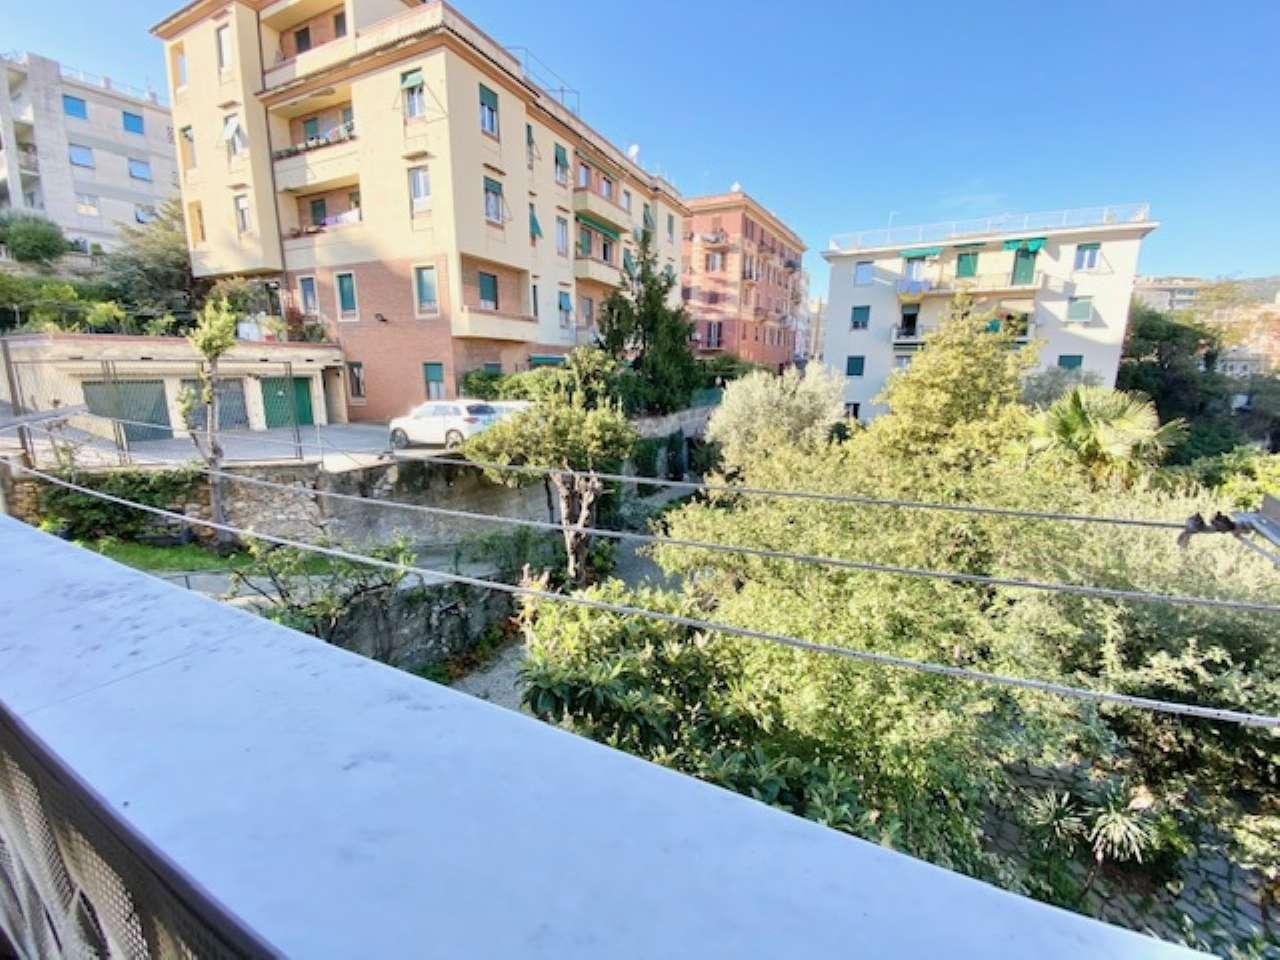 Appartamento in affitto a Genova, 3 locali, zona Boccadasse-Sturla, prezzo € 720 | PortaleAgenzieImmobiliari.it